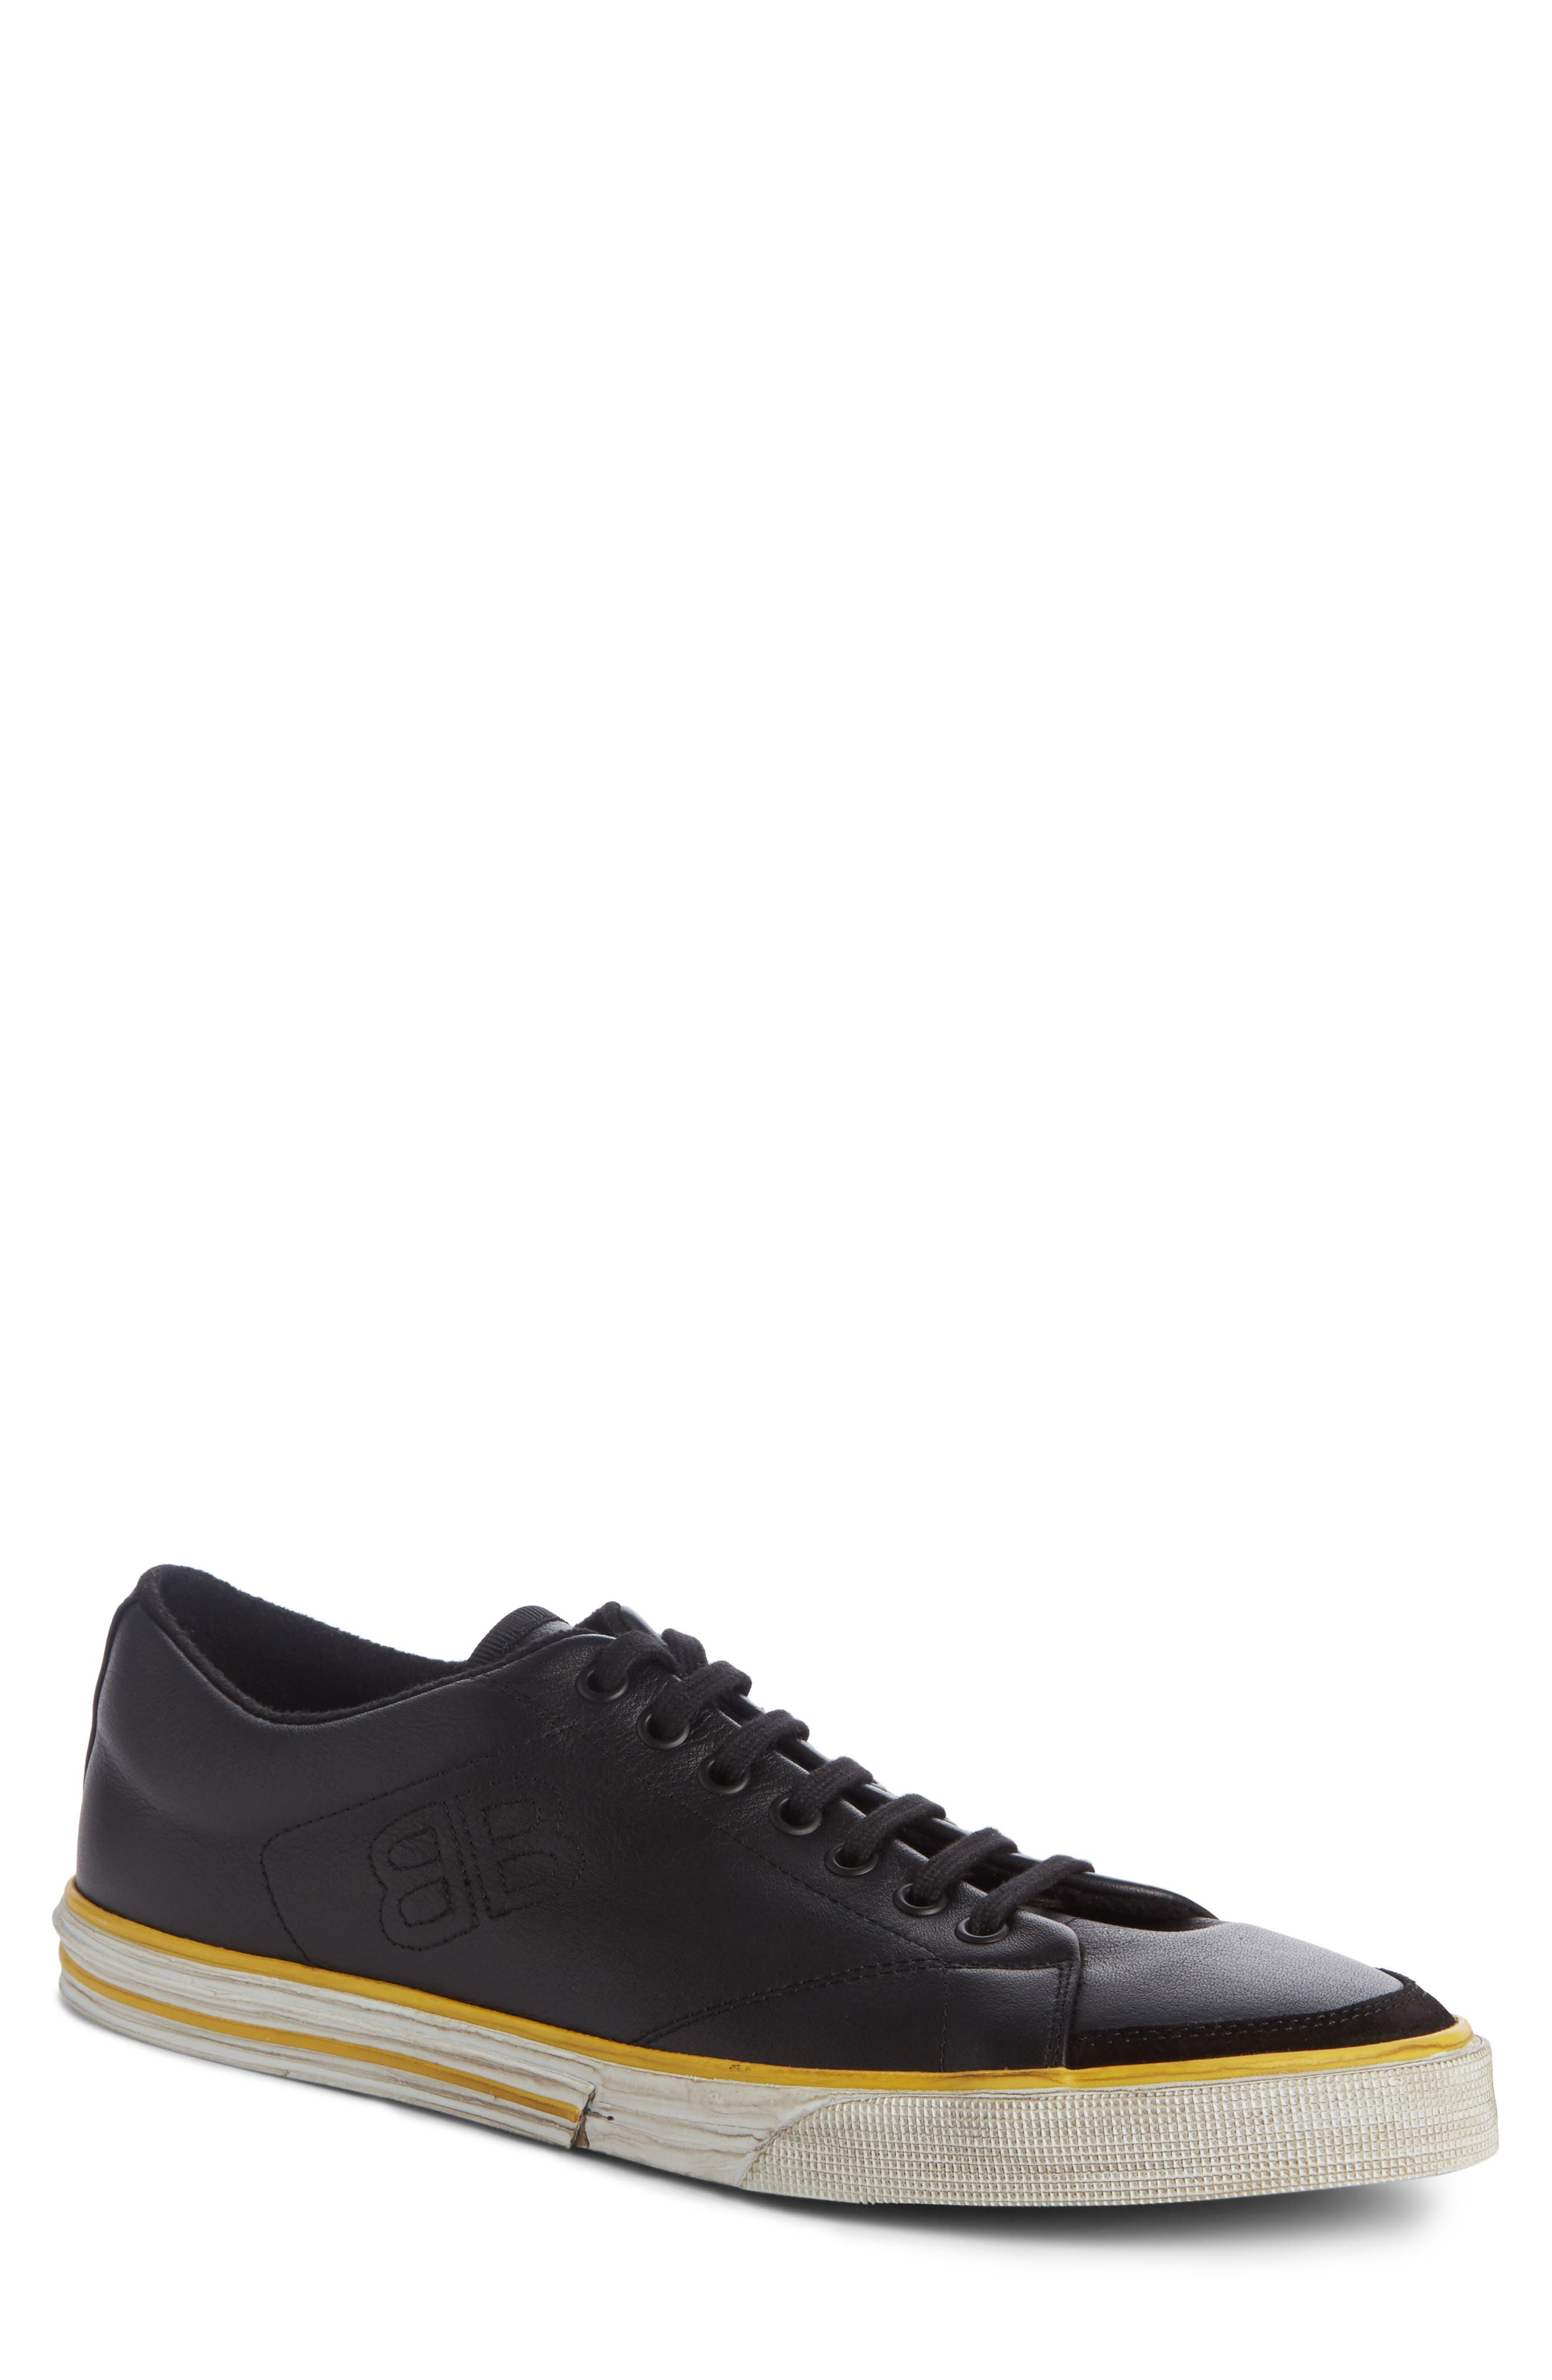 Alternate Image 1 Selected - Balenciaga Logo Sole Sneaker (Men)